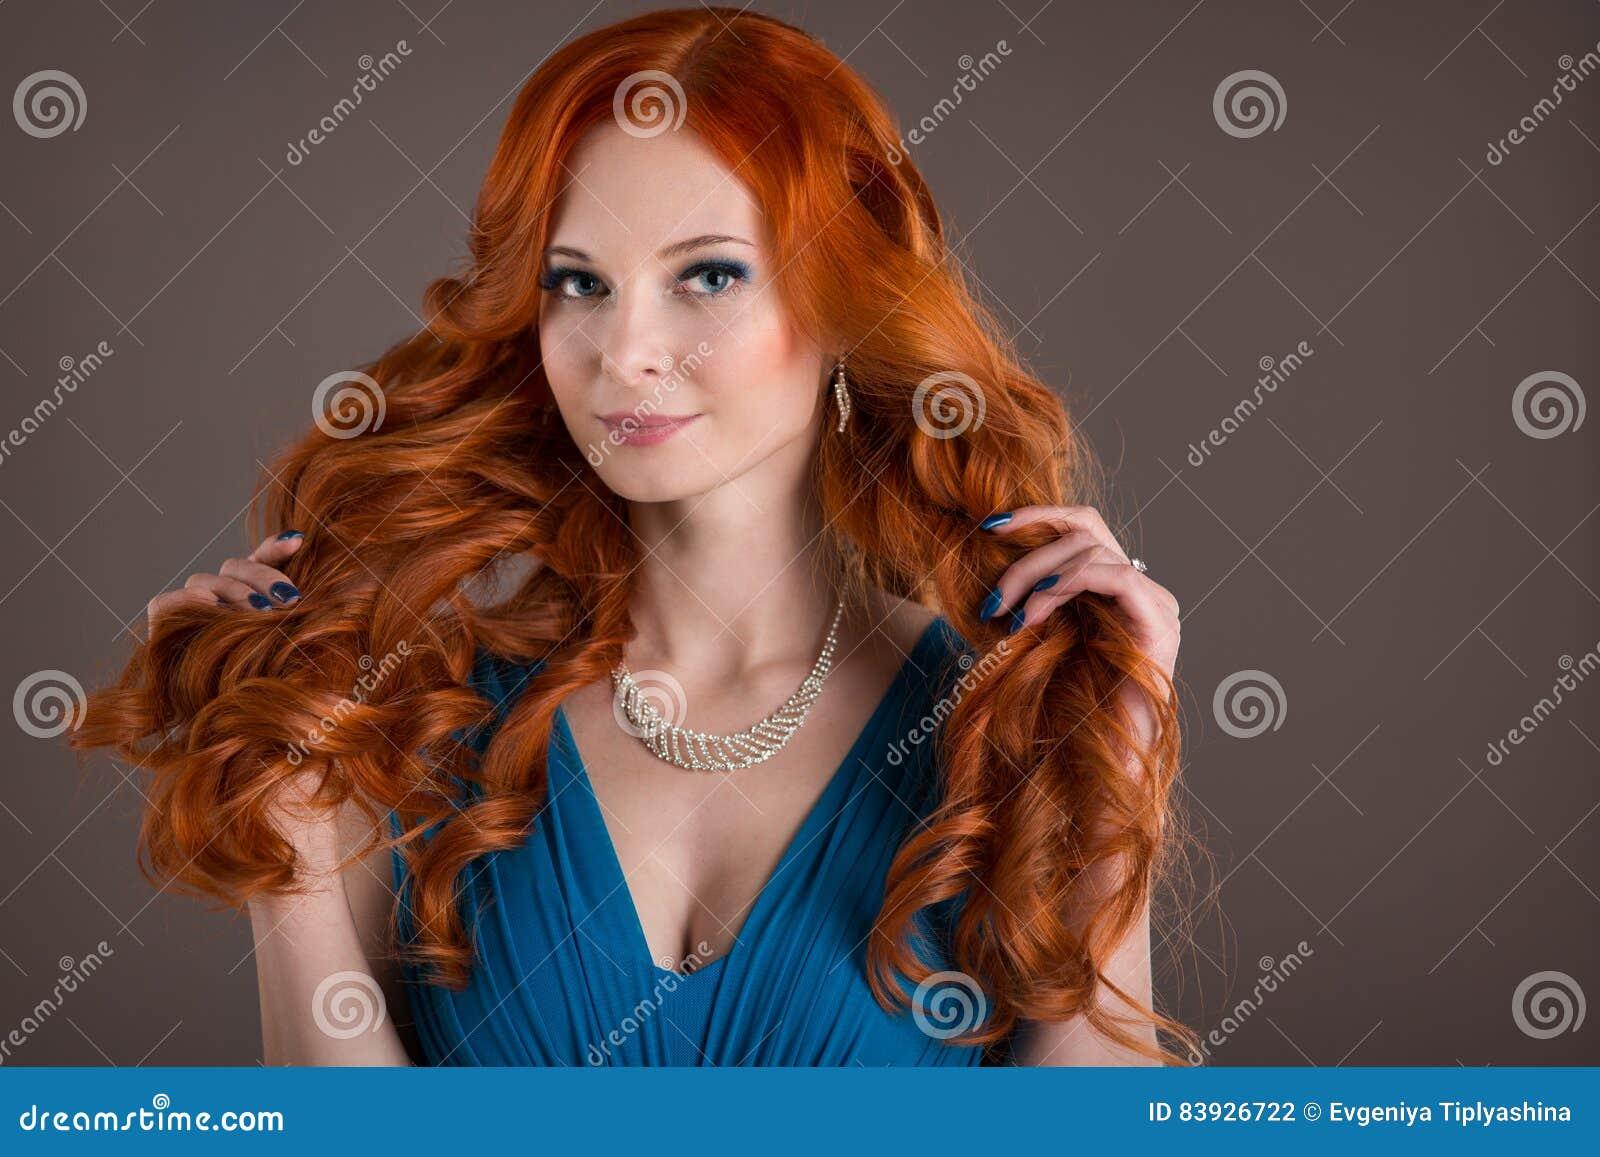 Junge Mit Roten Haaren